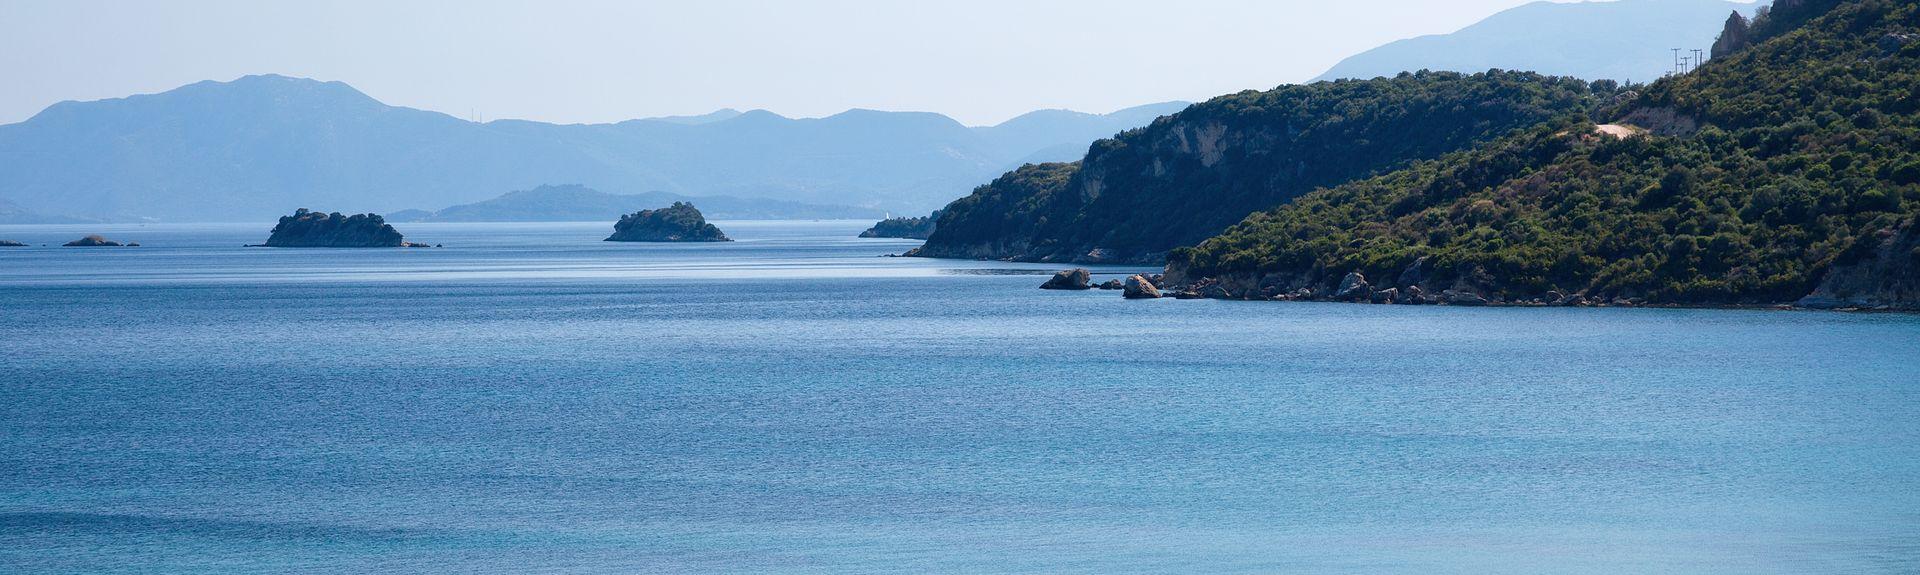 Lefkada-Stadt, Lefkada, Region der Ionischen Inseln, Griechenland